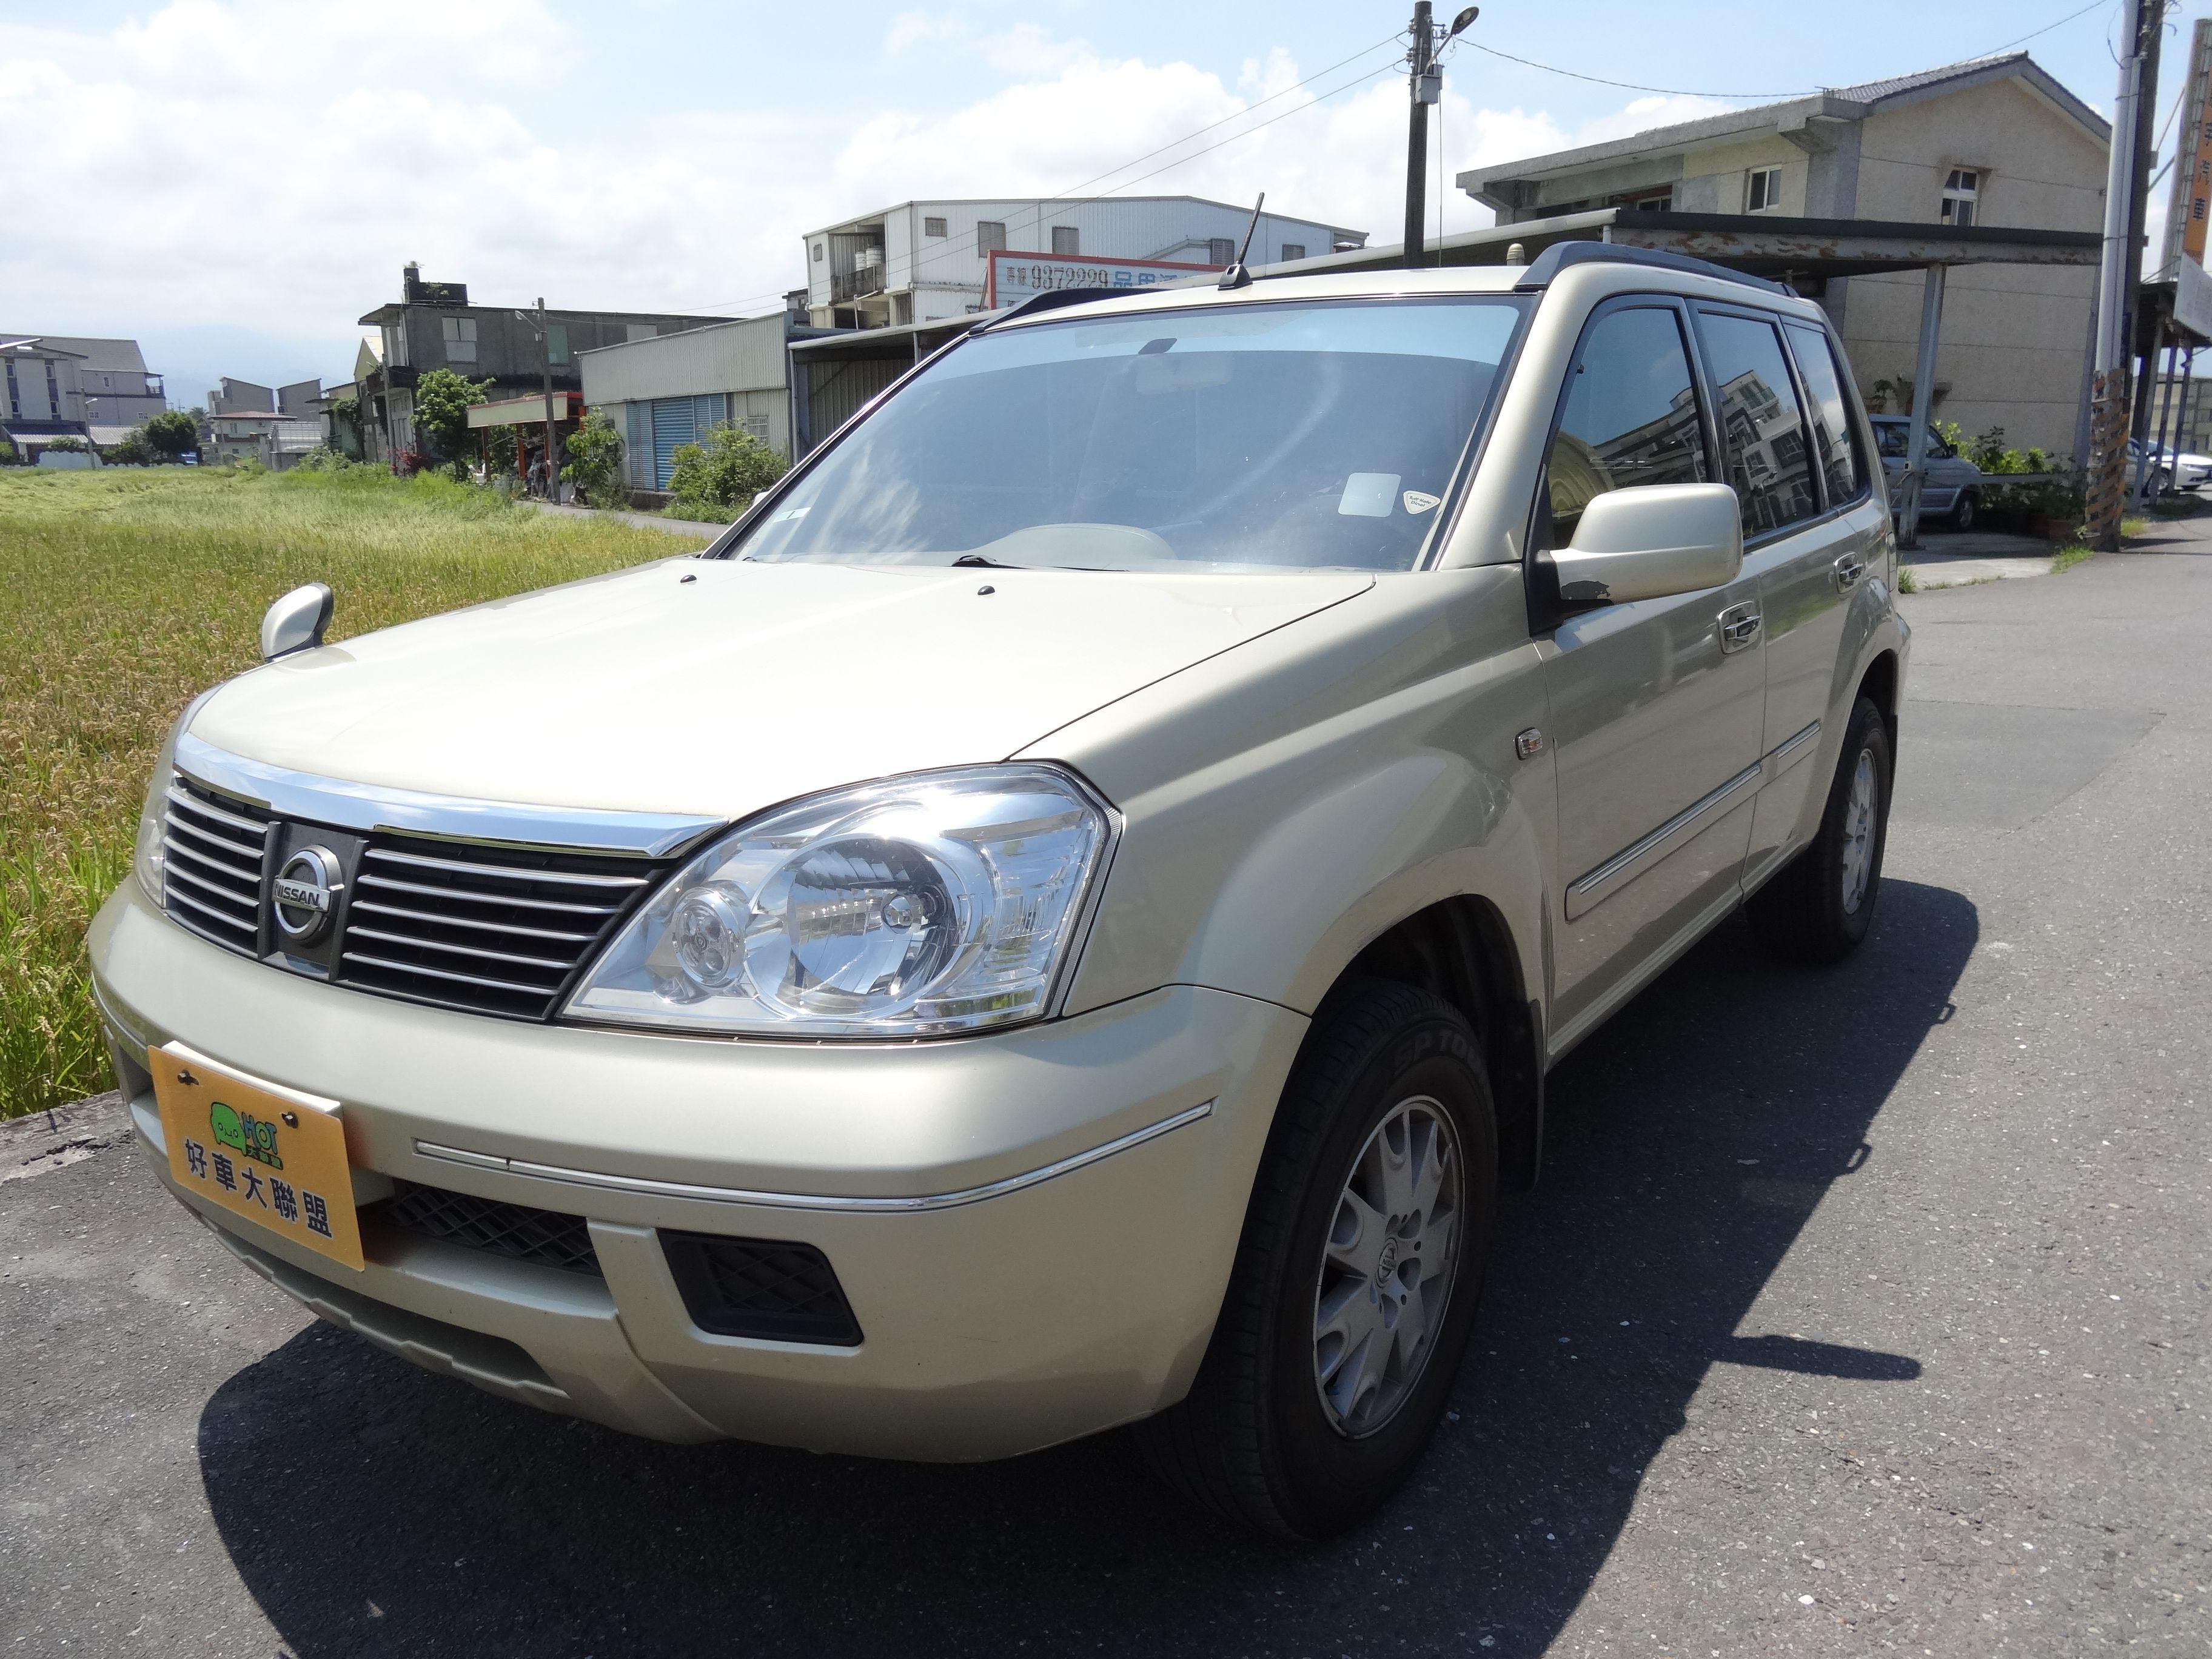 2004 Nissan X-trail